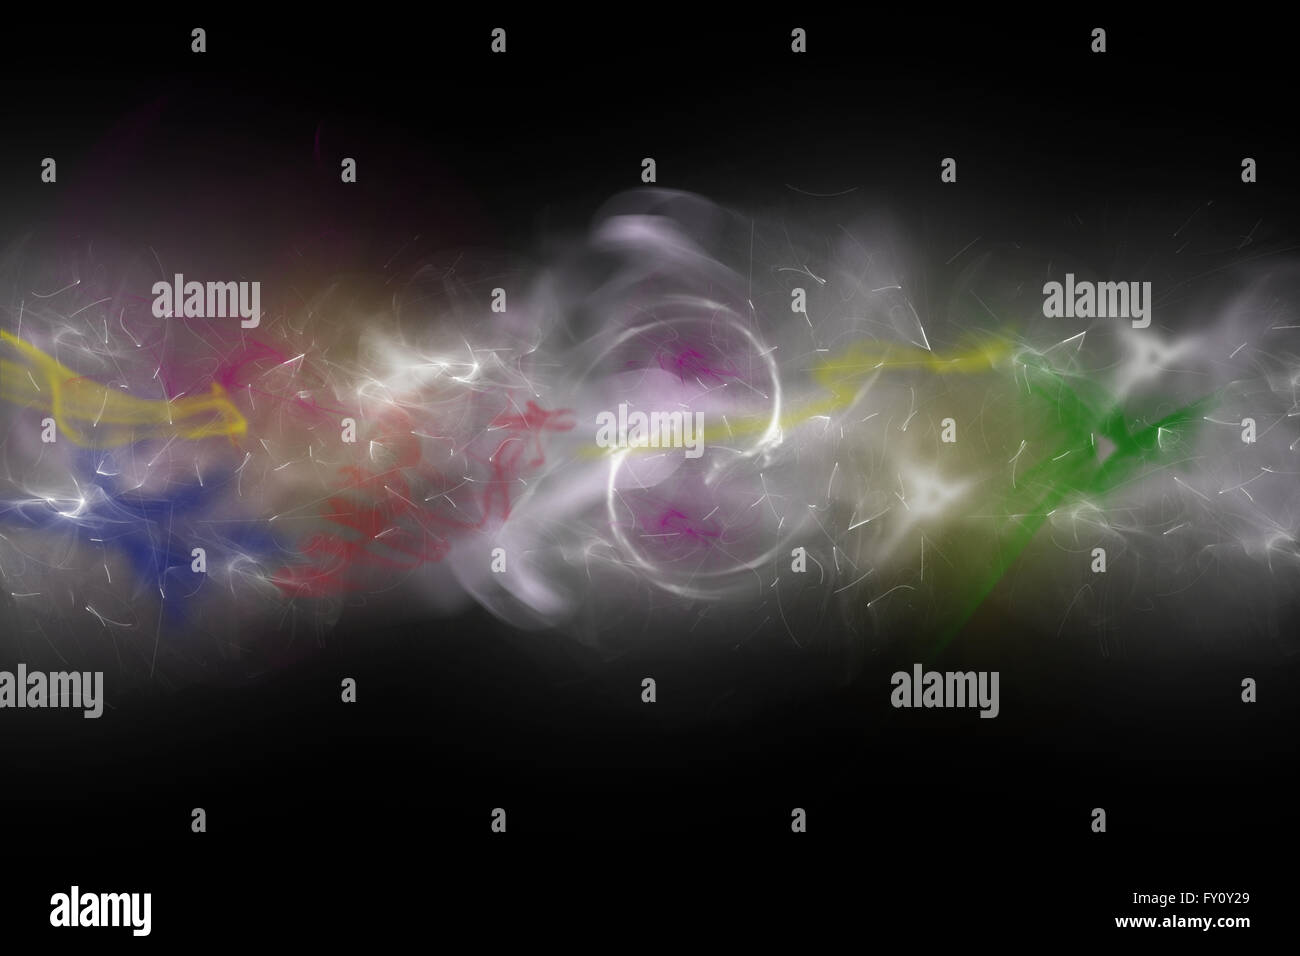 Compuesto de color de fondo desenfocado humo y luces en el fondo negro. Imagen De Stock